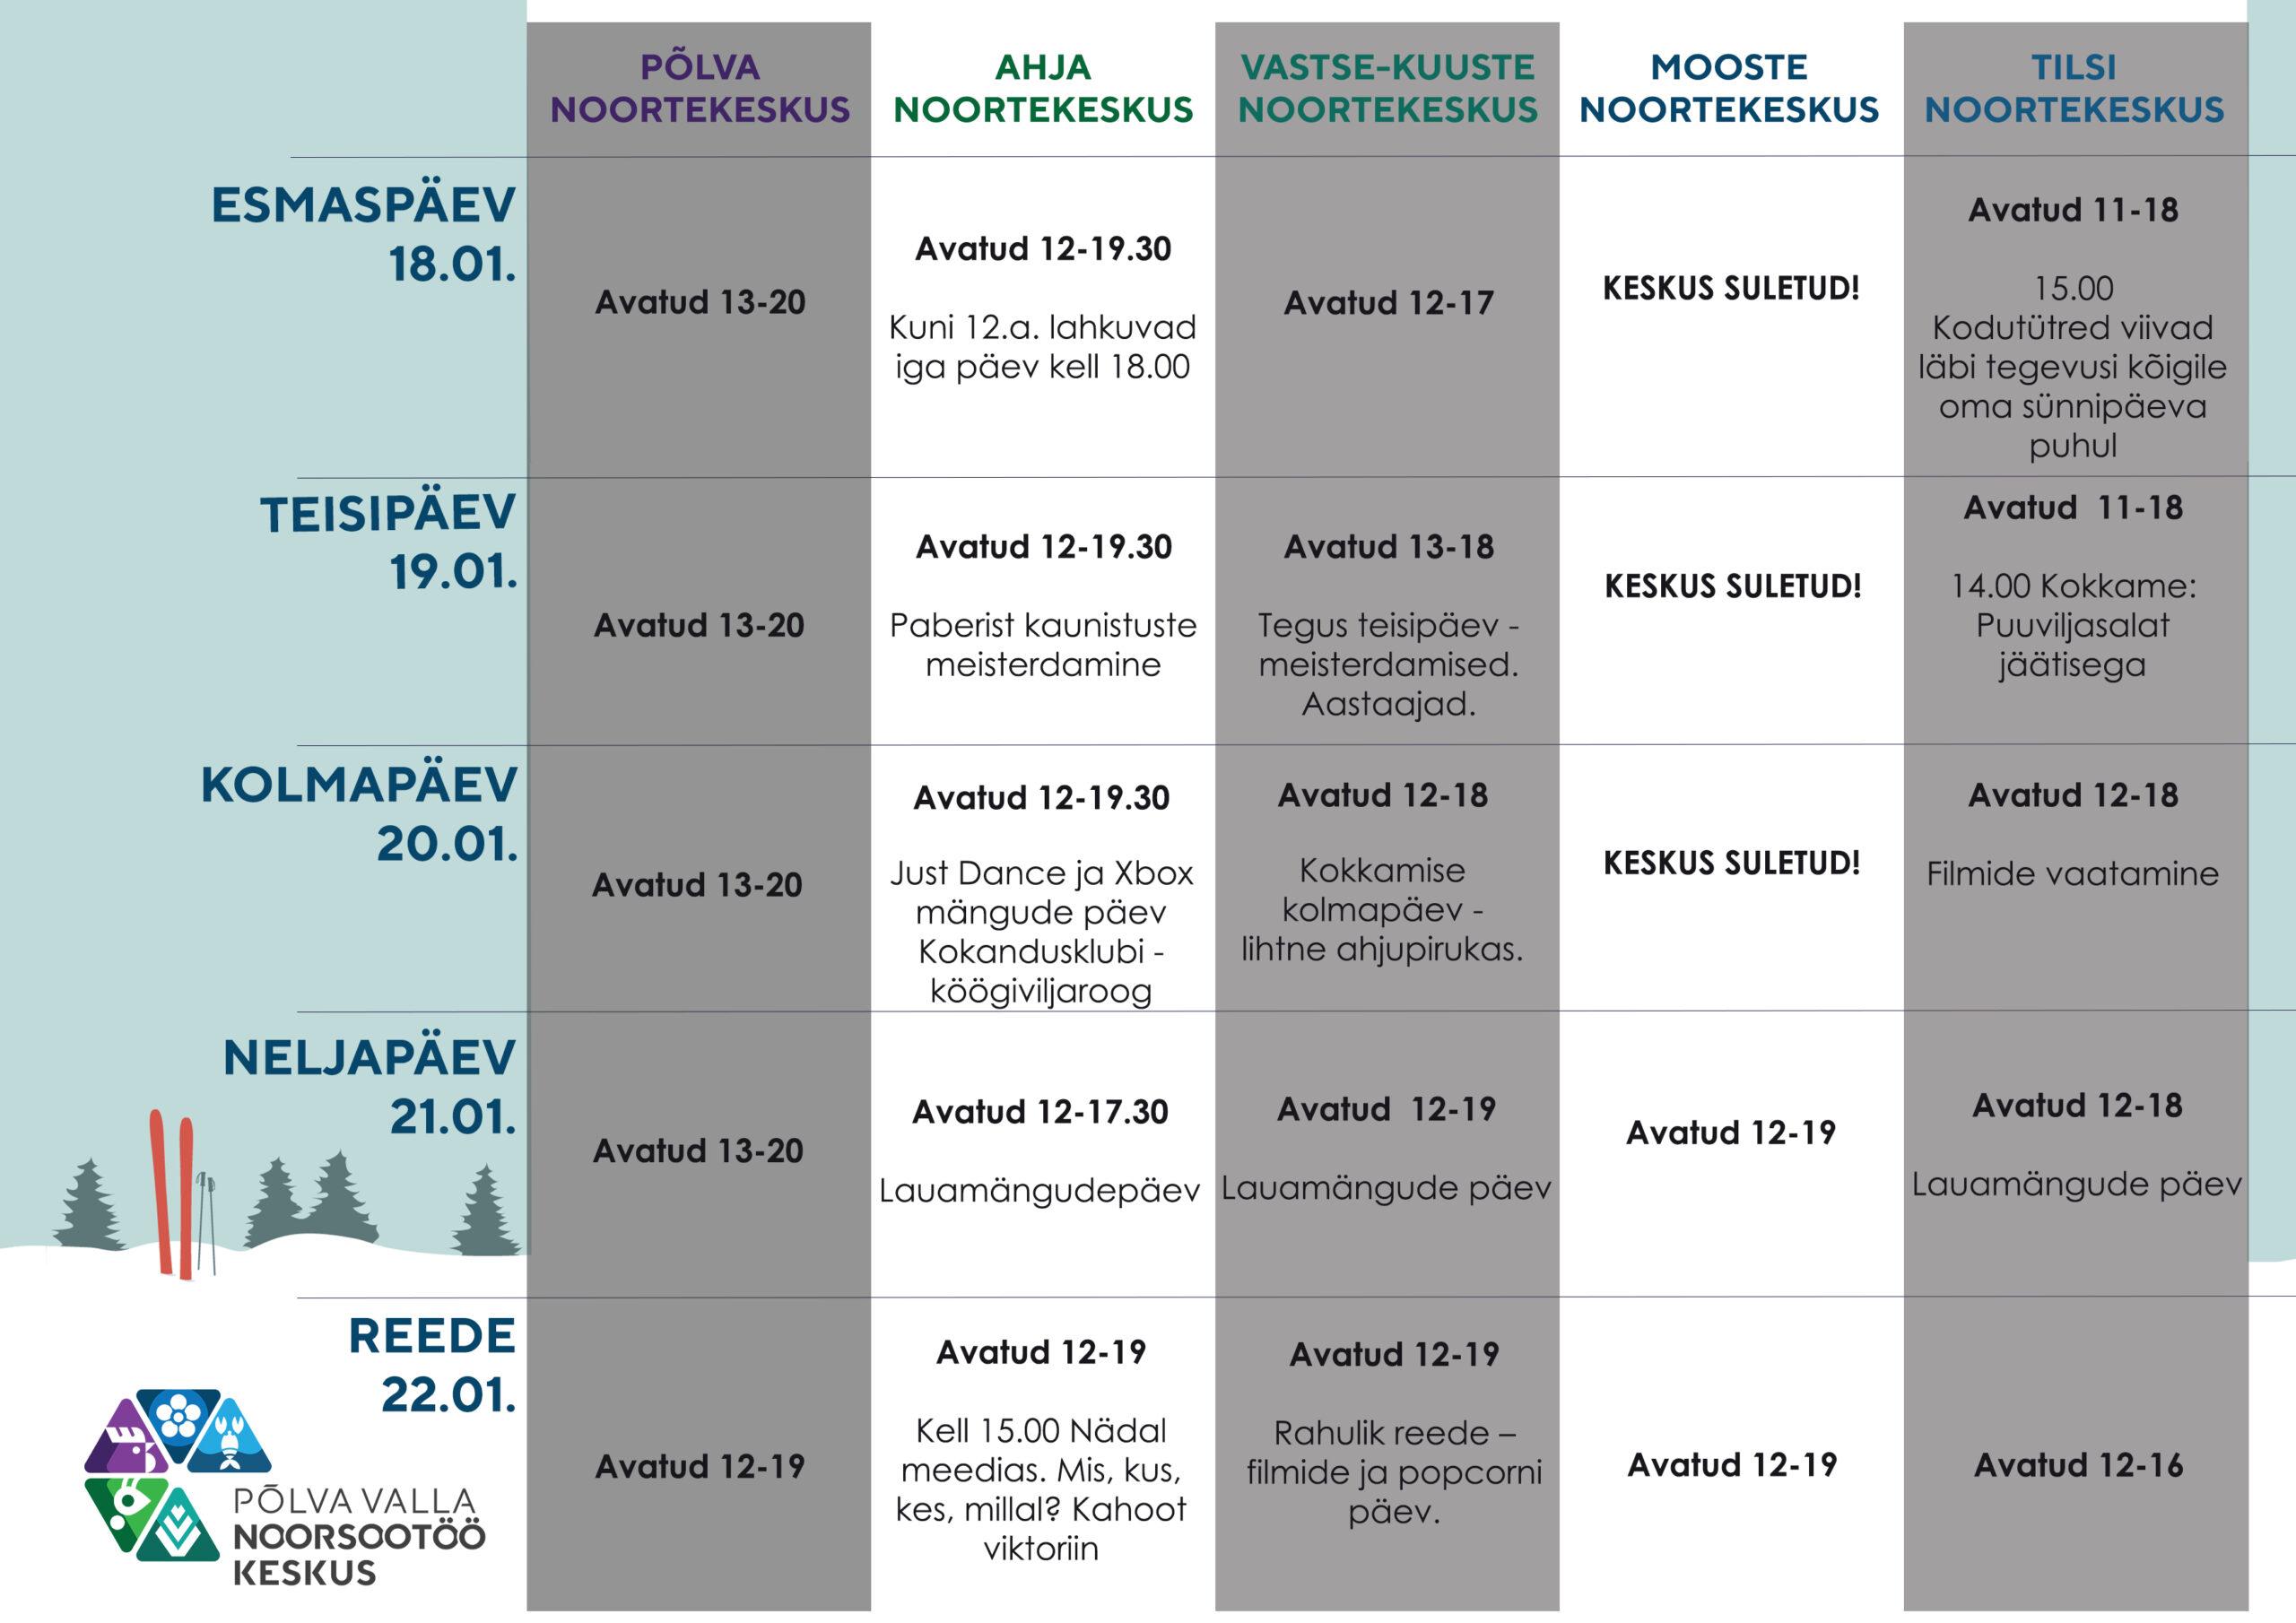 Põlva valla Noorsootöö Keskuse nädalakava 18.-21. jaanuar 2021